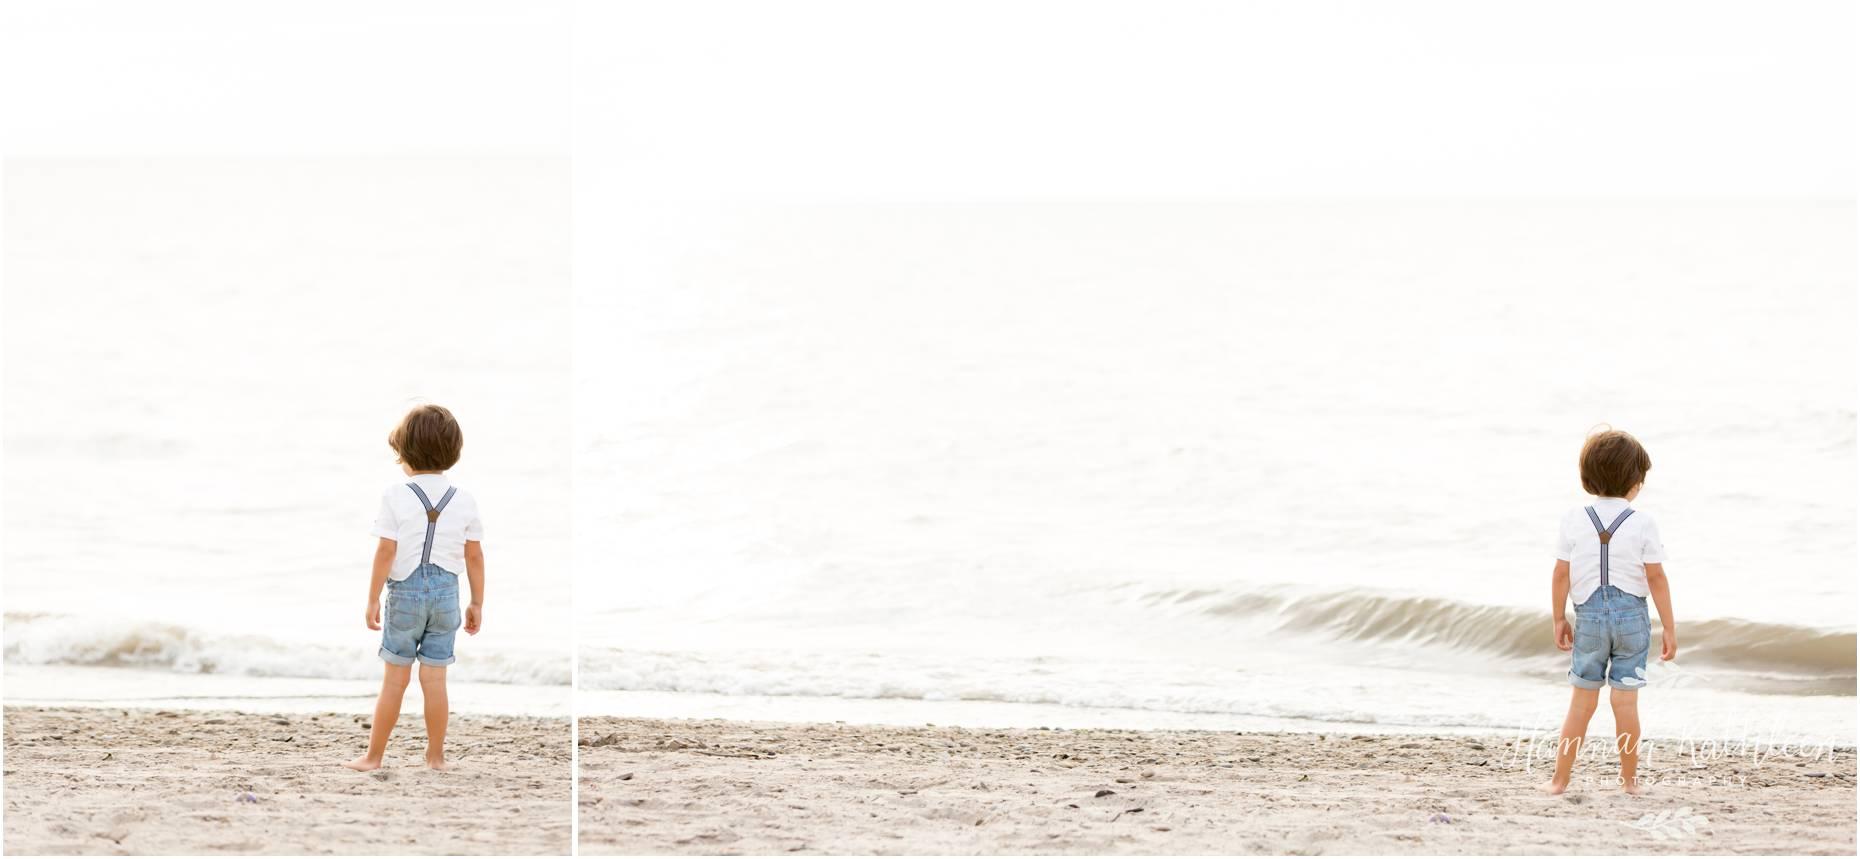 Mills_Hamburg_Beach_Family_Photography_Buffalo